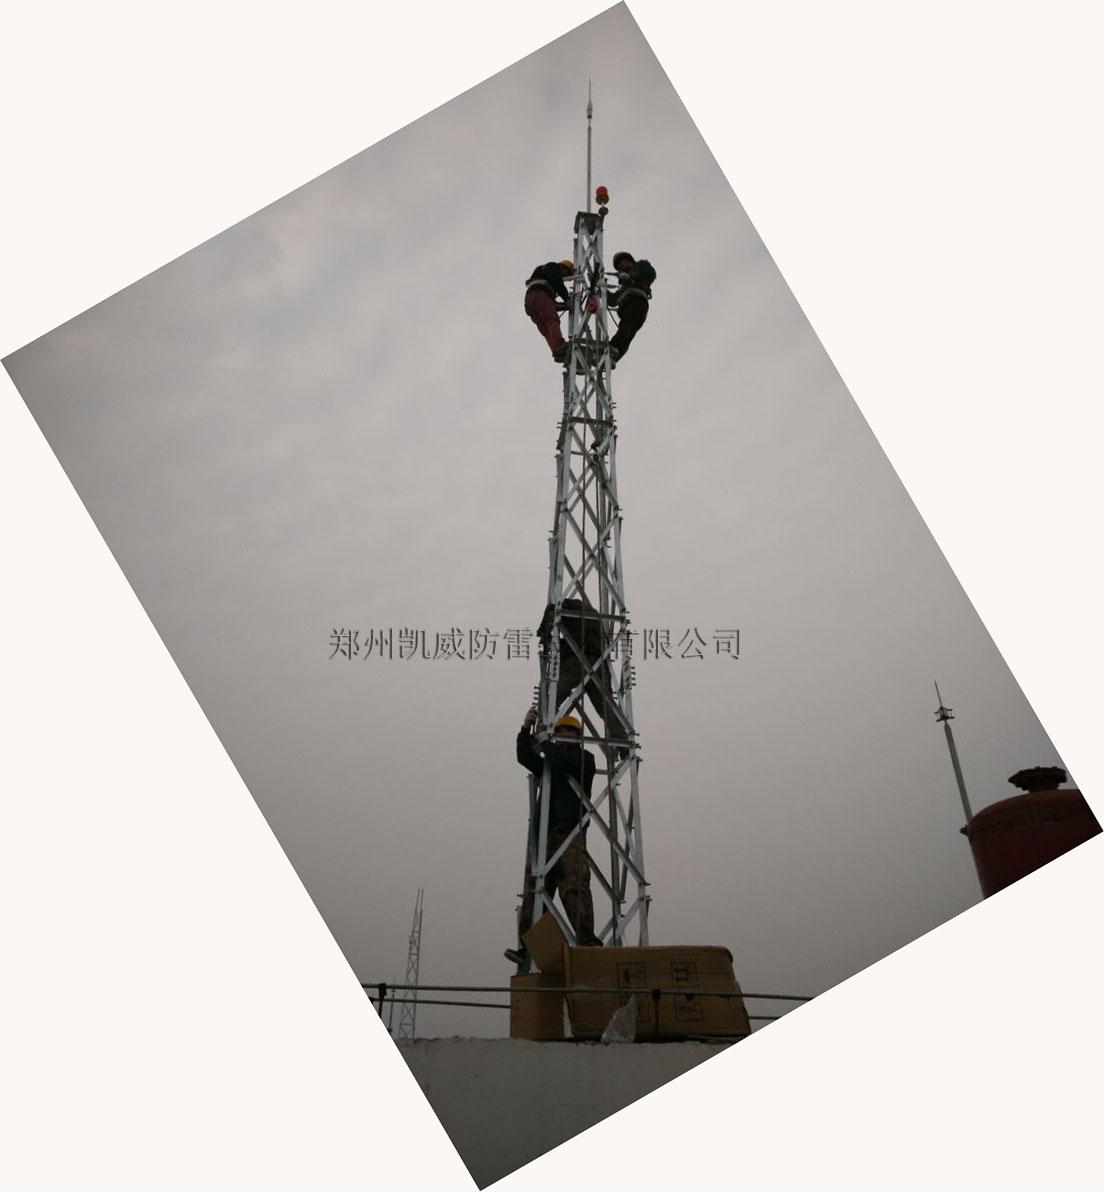 12米结构式接闪杆塔安装图.jpg